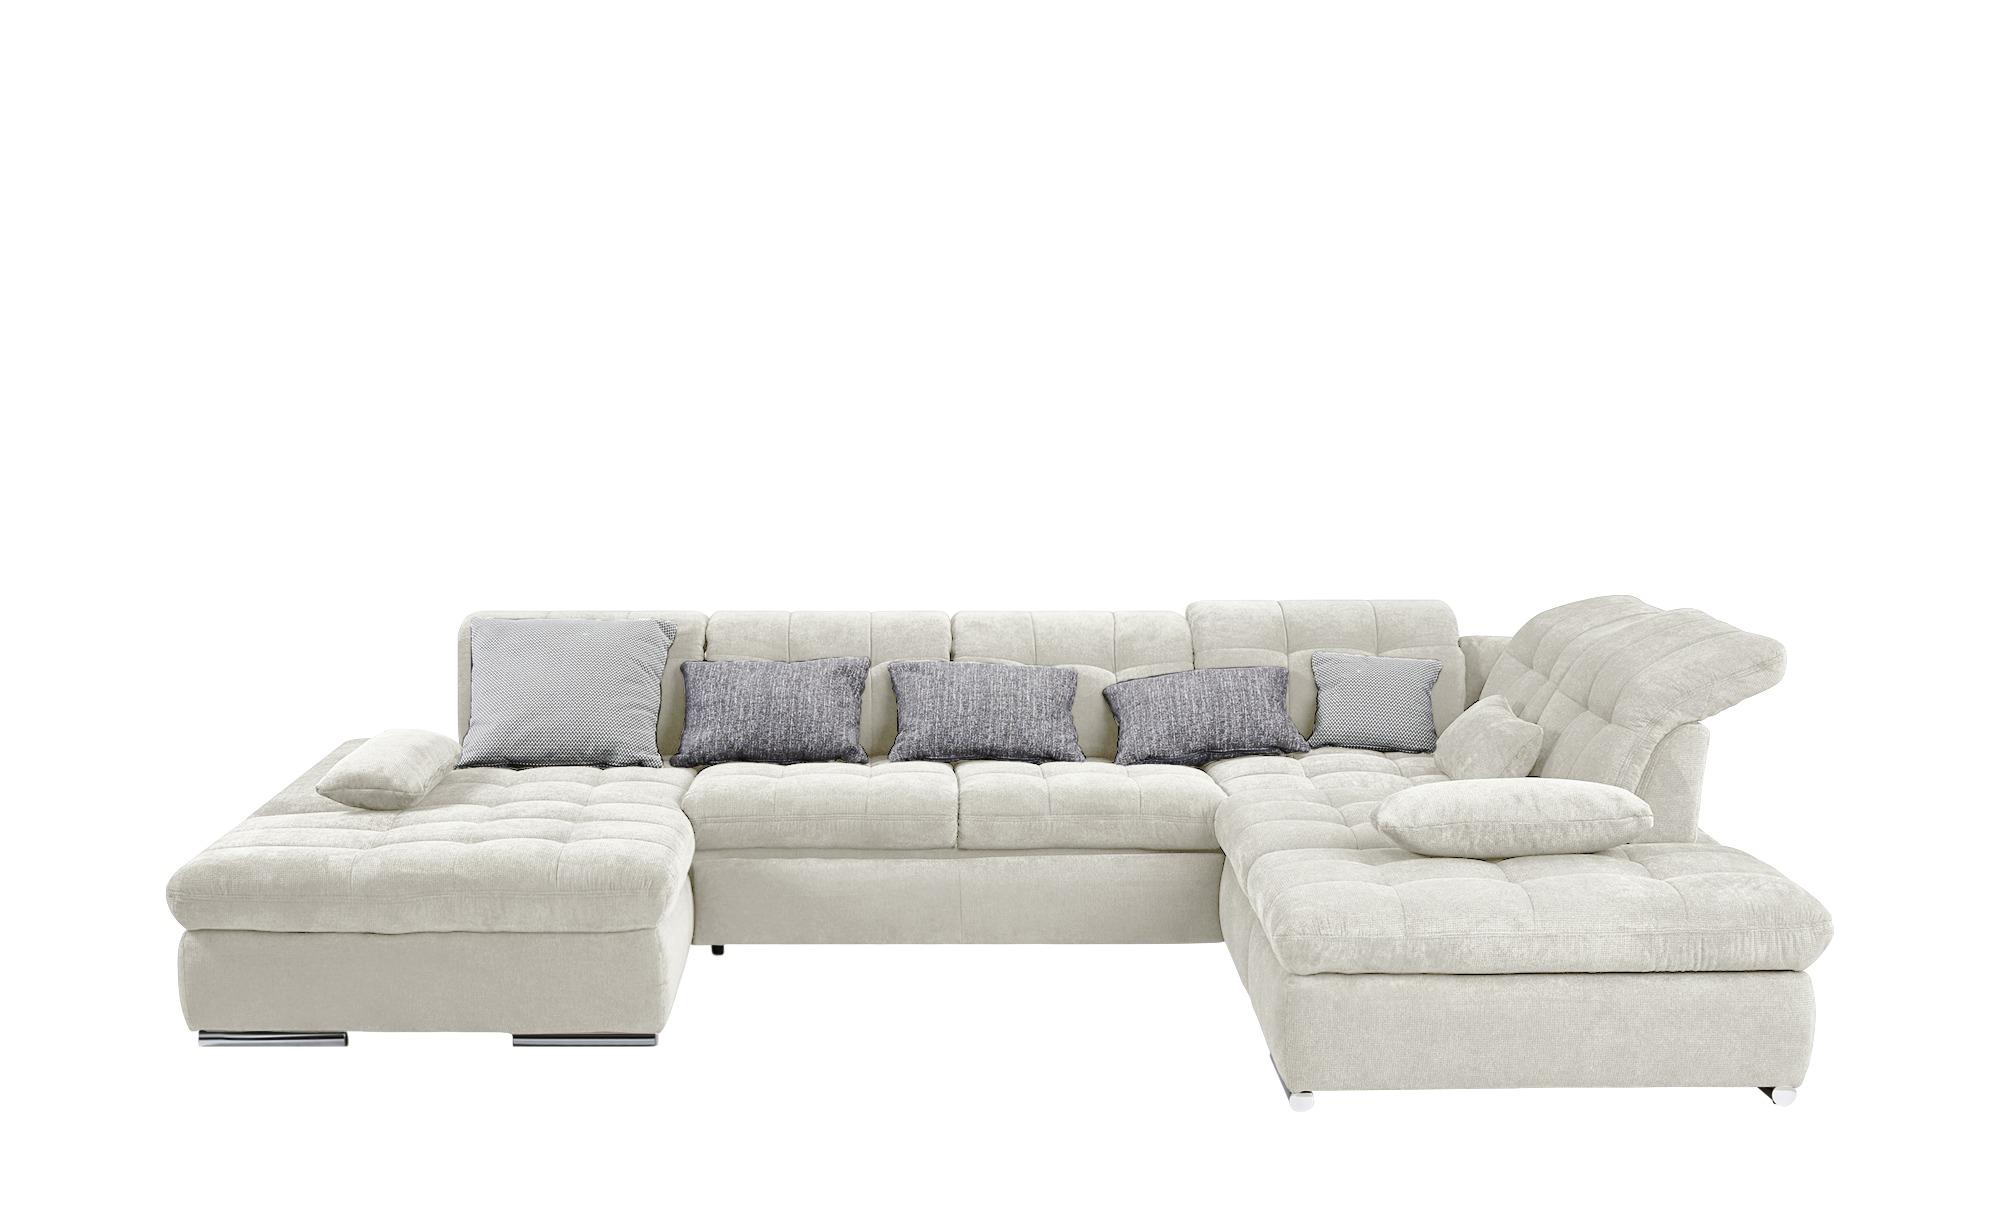 wohnlandschaft la palma breite h he 81 cm creme online kaufen bei woonio. Black Bedroom Furniture Sets. Home Design Ideas